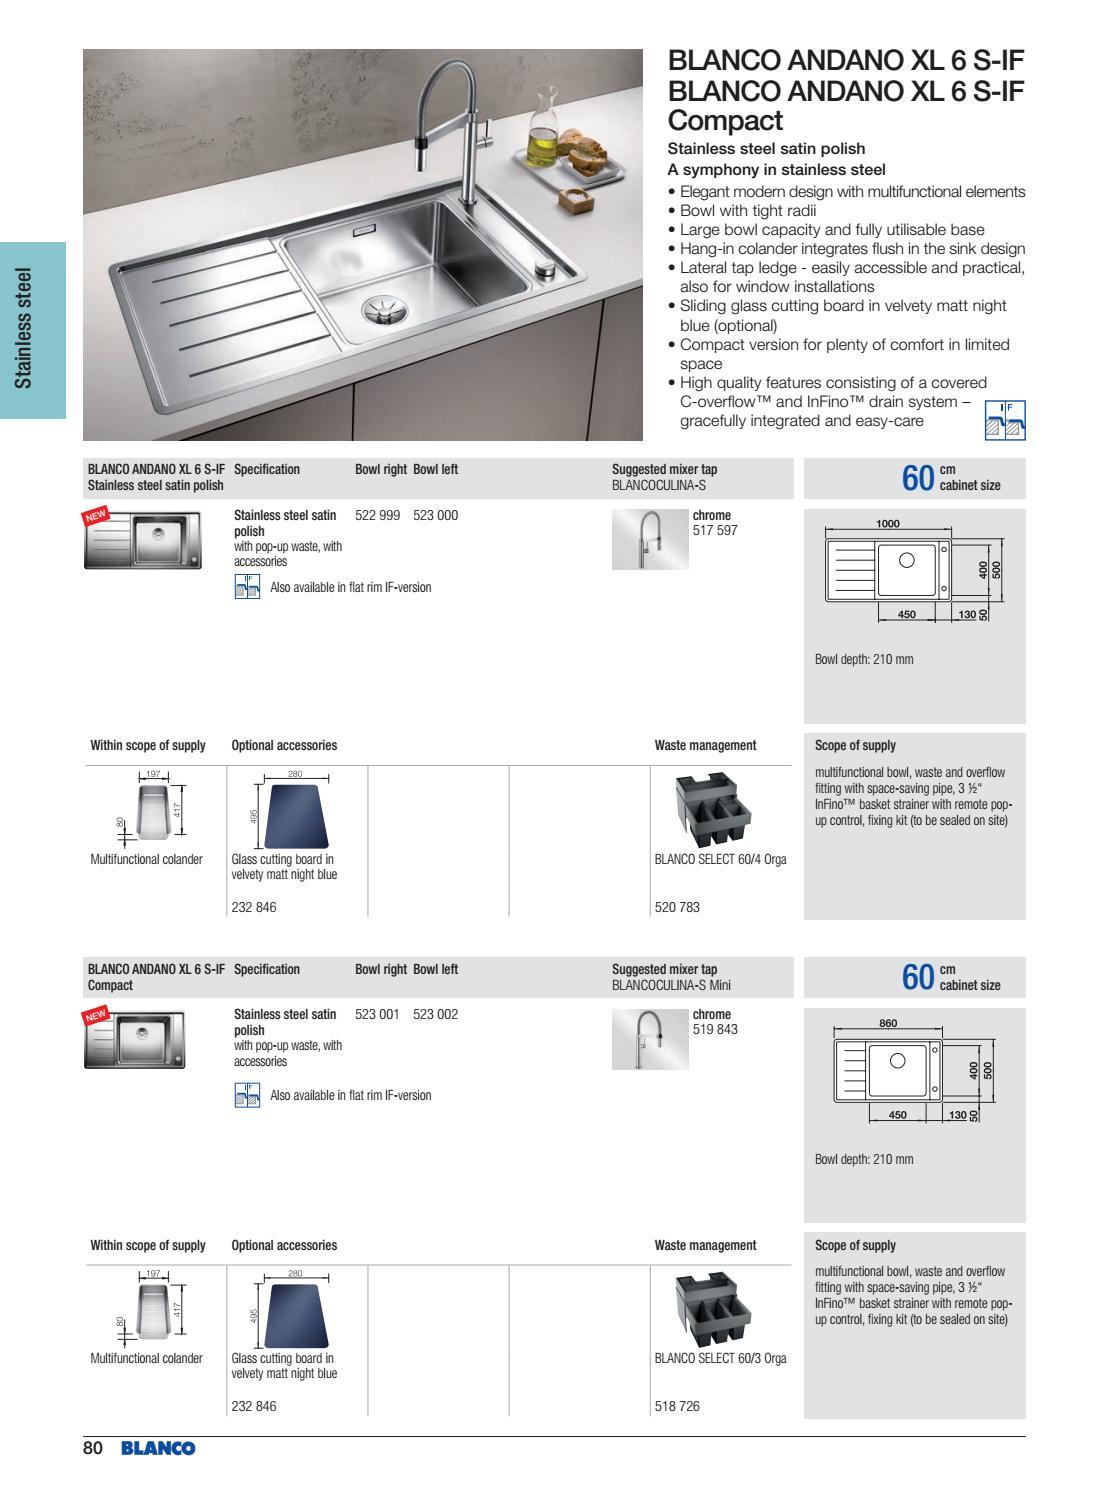 Blanco Select 60//4 orga 520783